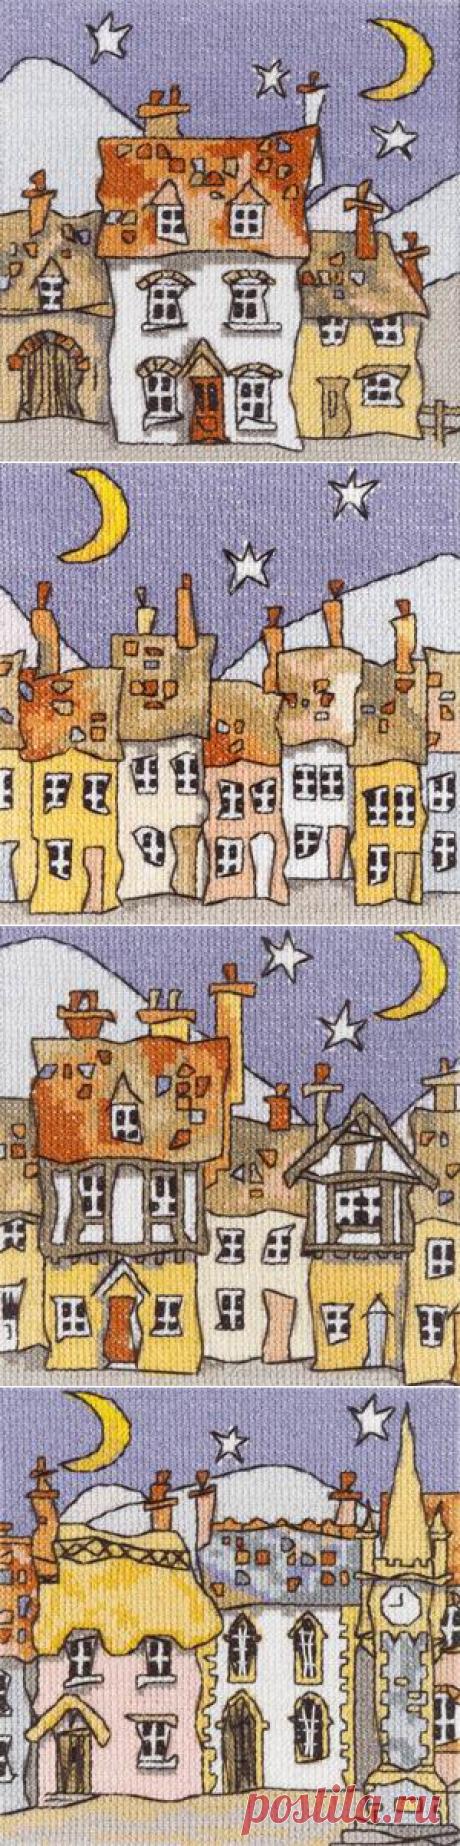 Схемы для вышивки от MICHAEL POWELL. Серия Мини Коттеджи